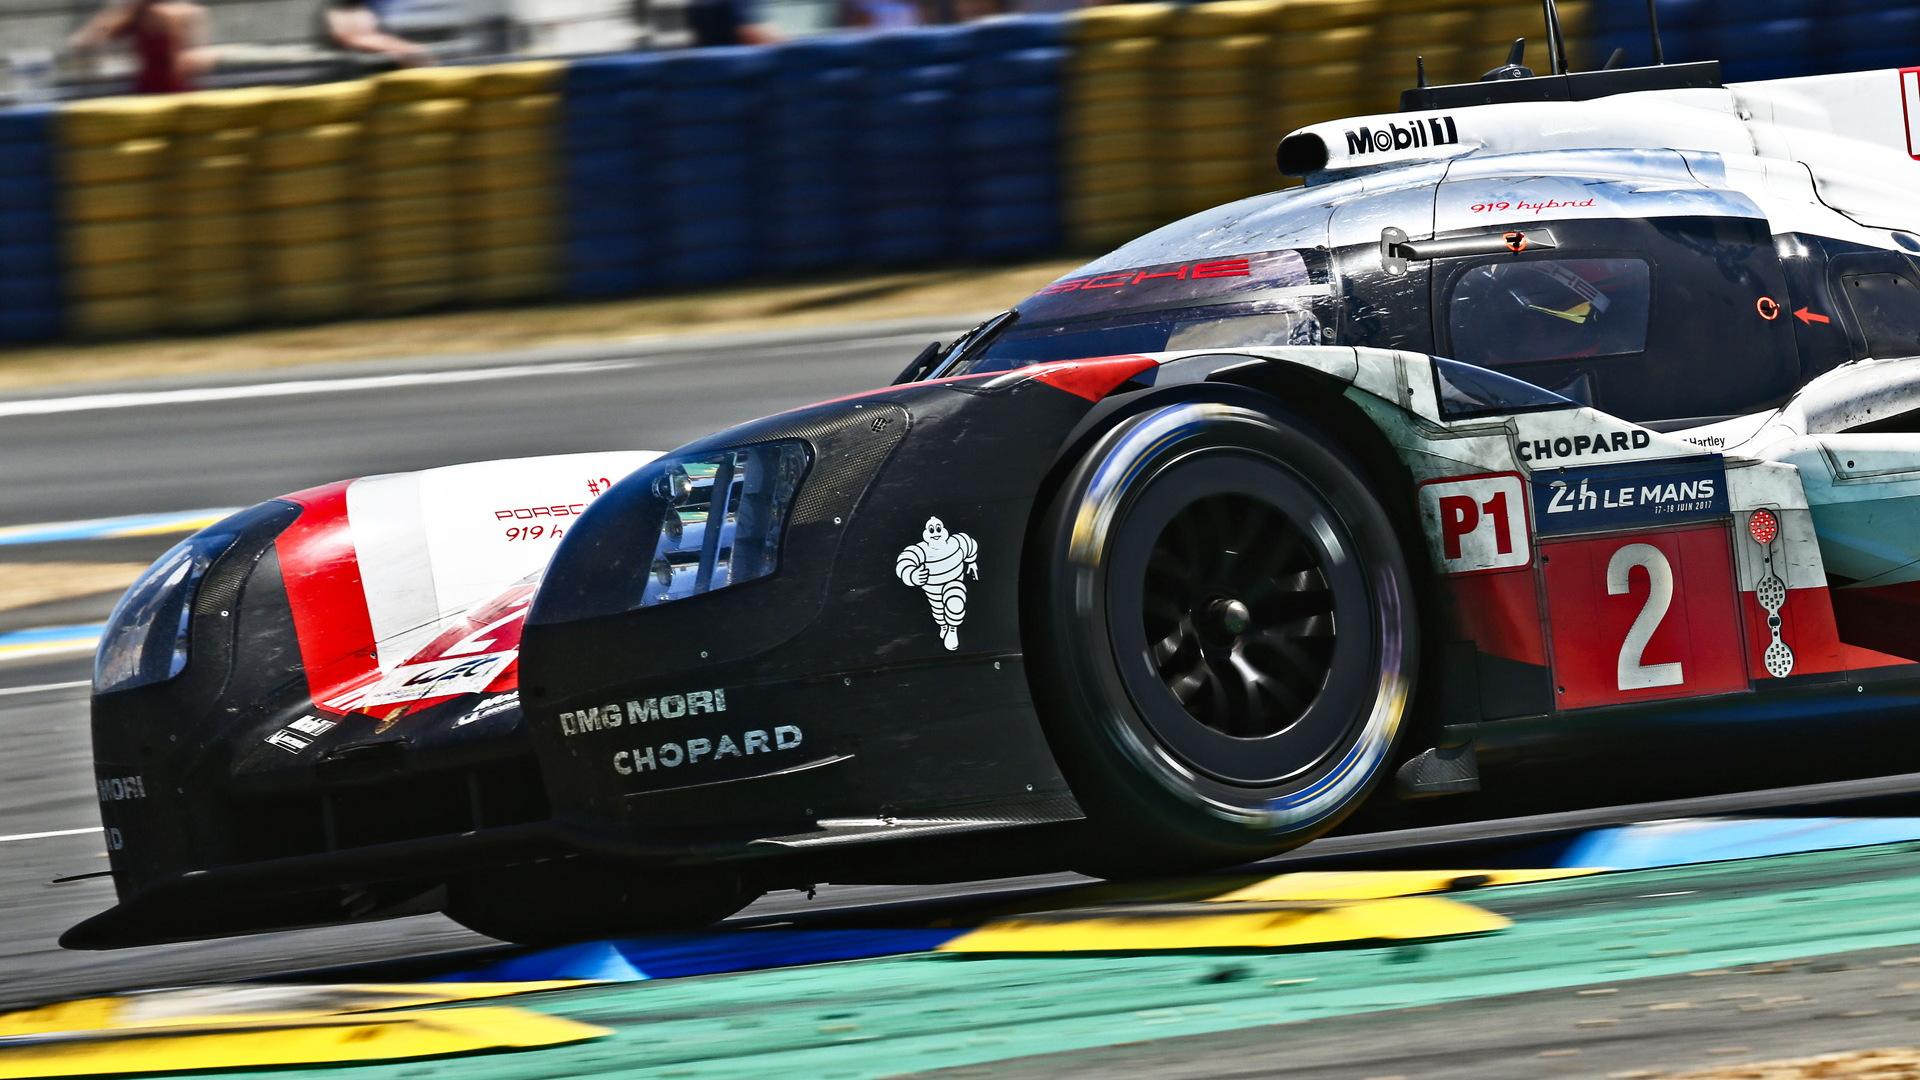 No. 2 Porsche 919 Hybrid LMP1 at the 2017 24 Hours of Le Mans